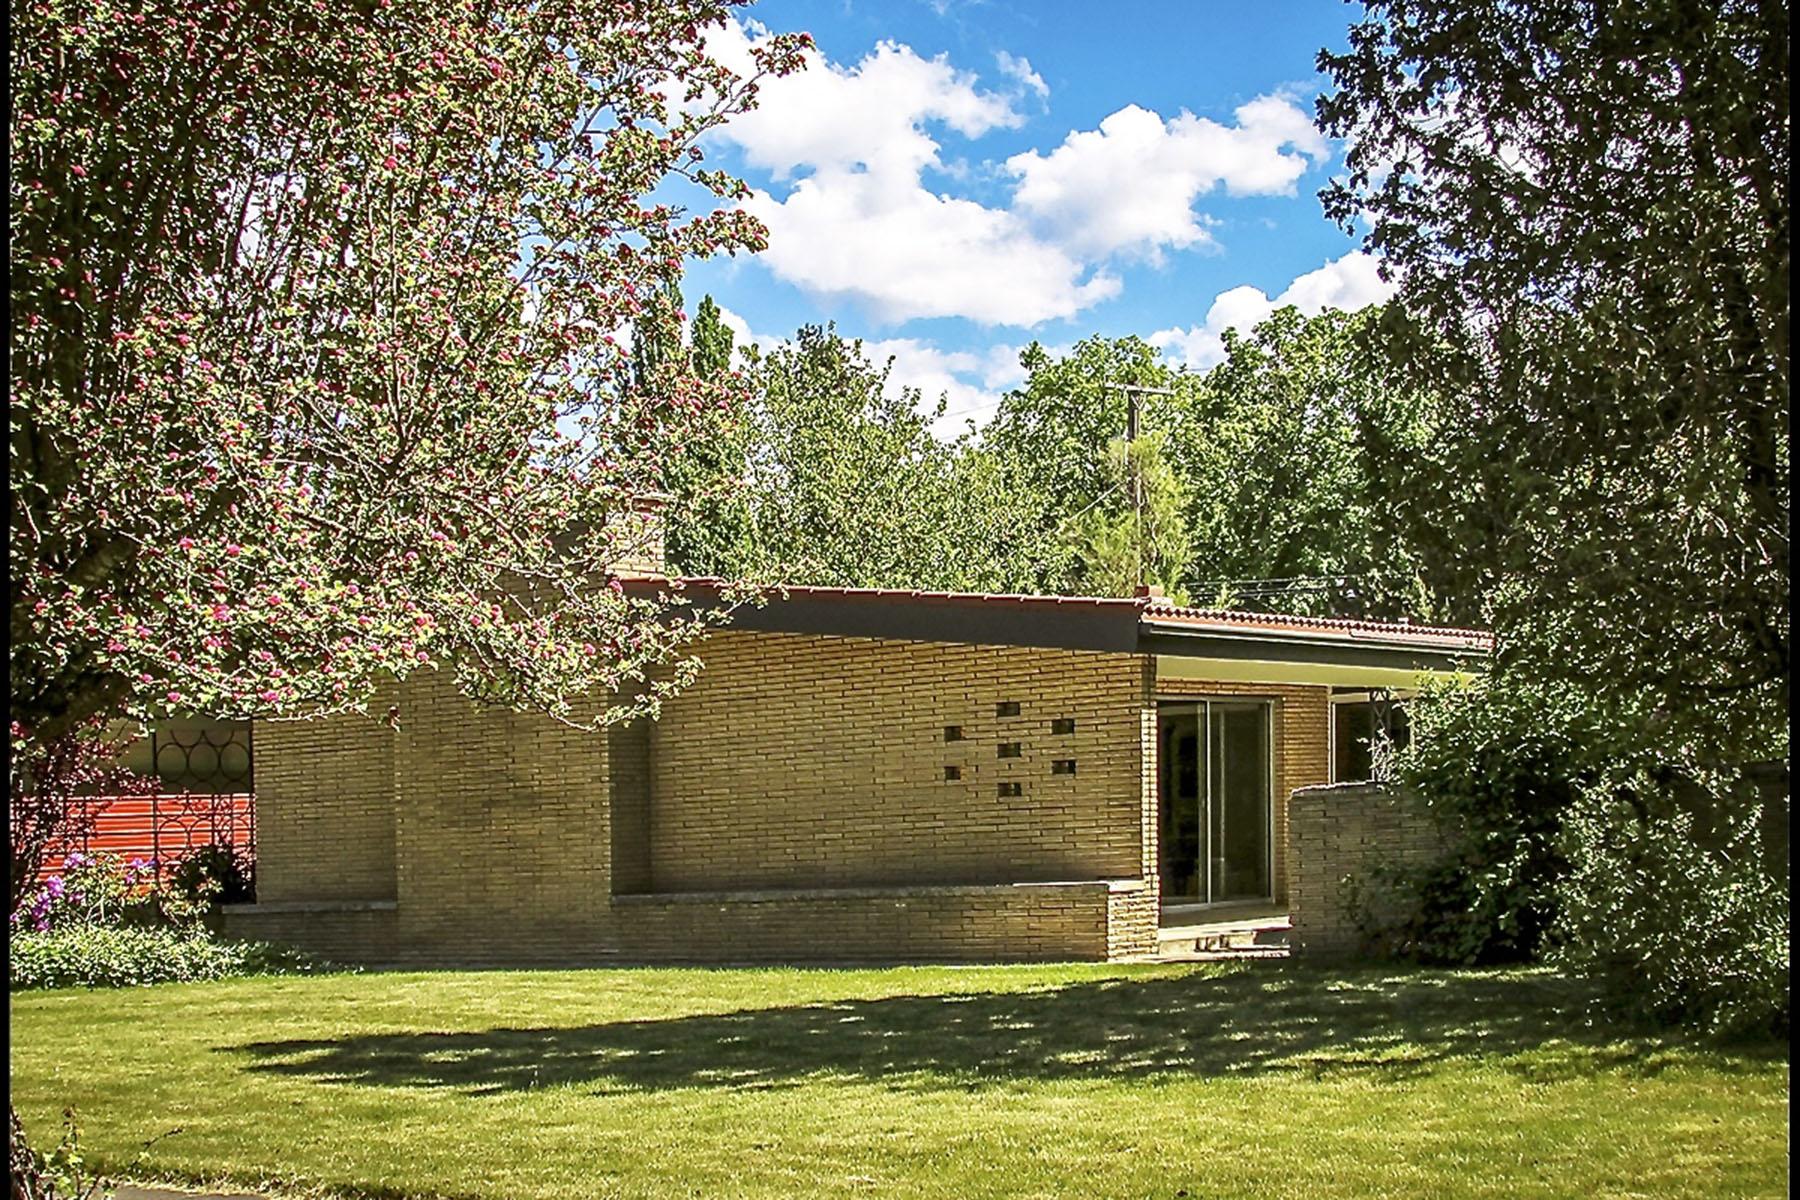 Maison unifamiliale pour l Vente à Timeless Classic 1950's Mid Century Modern 6542 Madison Street Bonners Ferry, Idaho, 83805 États-Unis